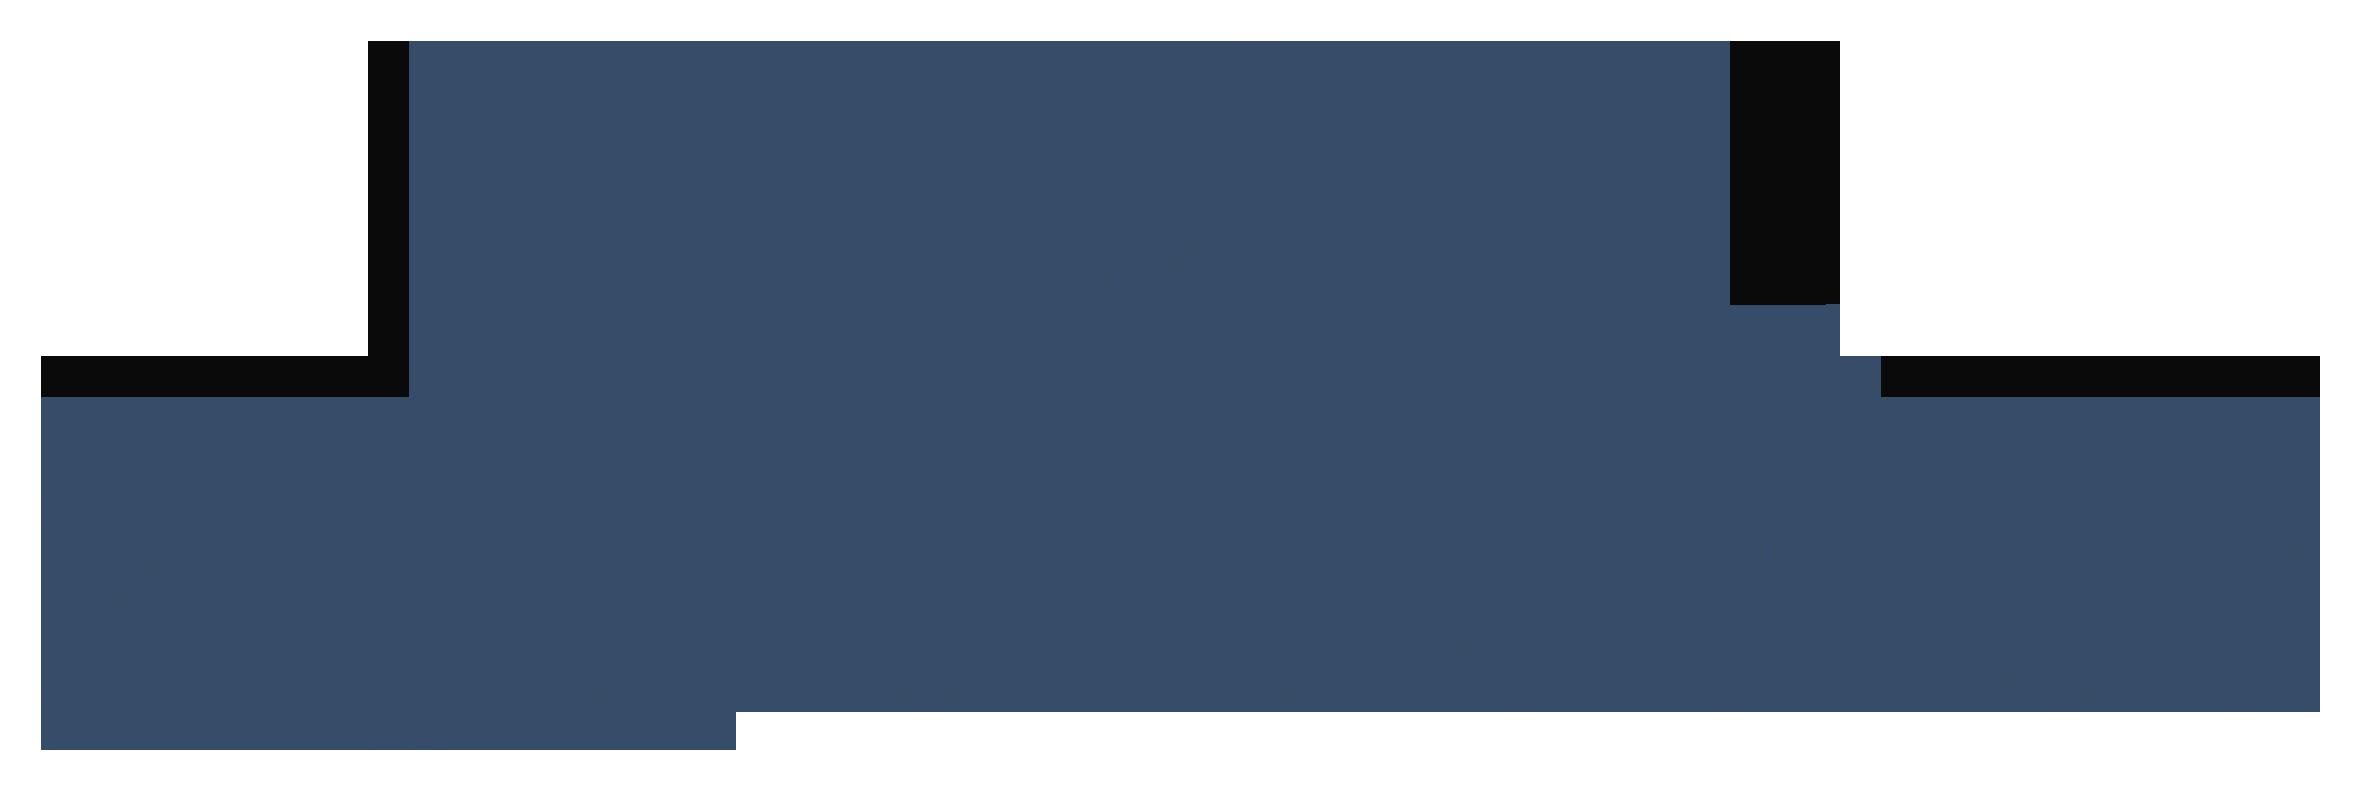 Equiclassics